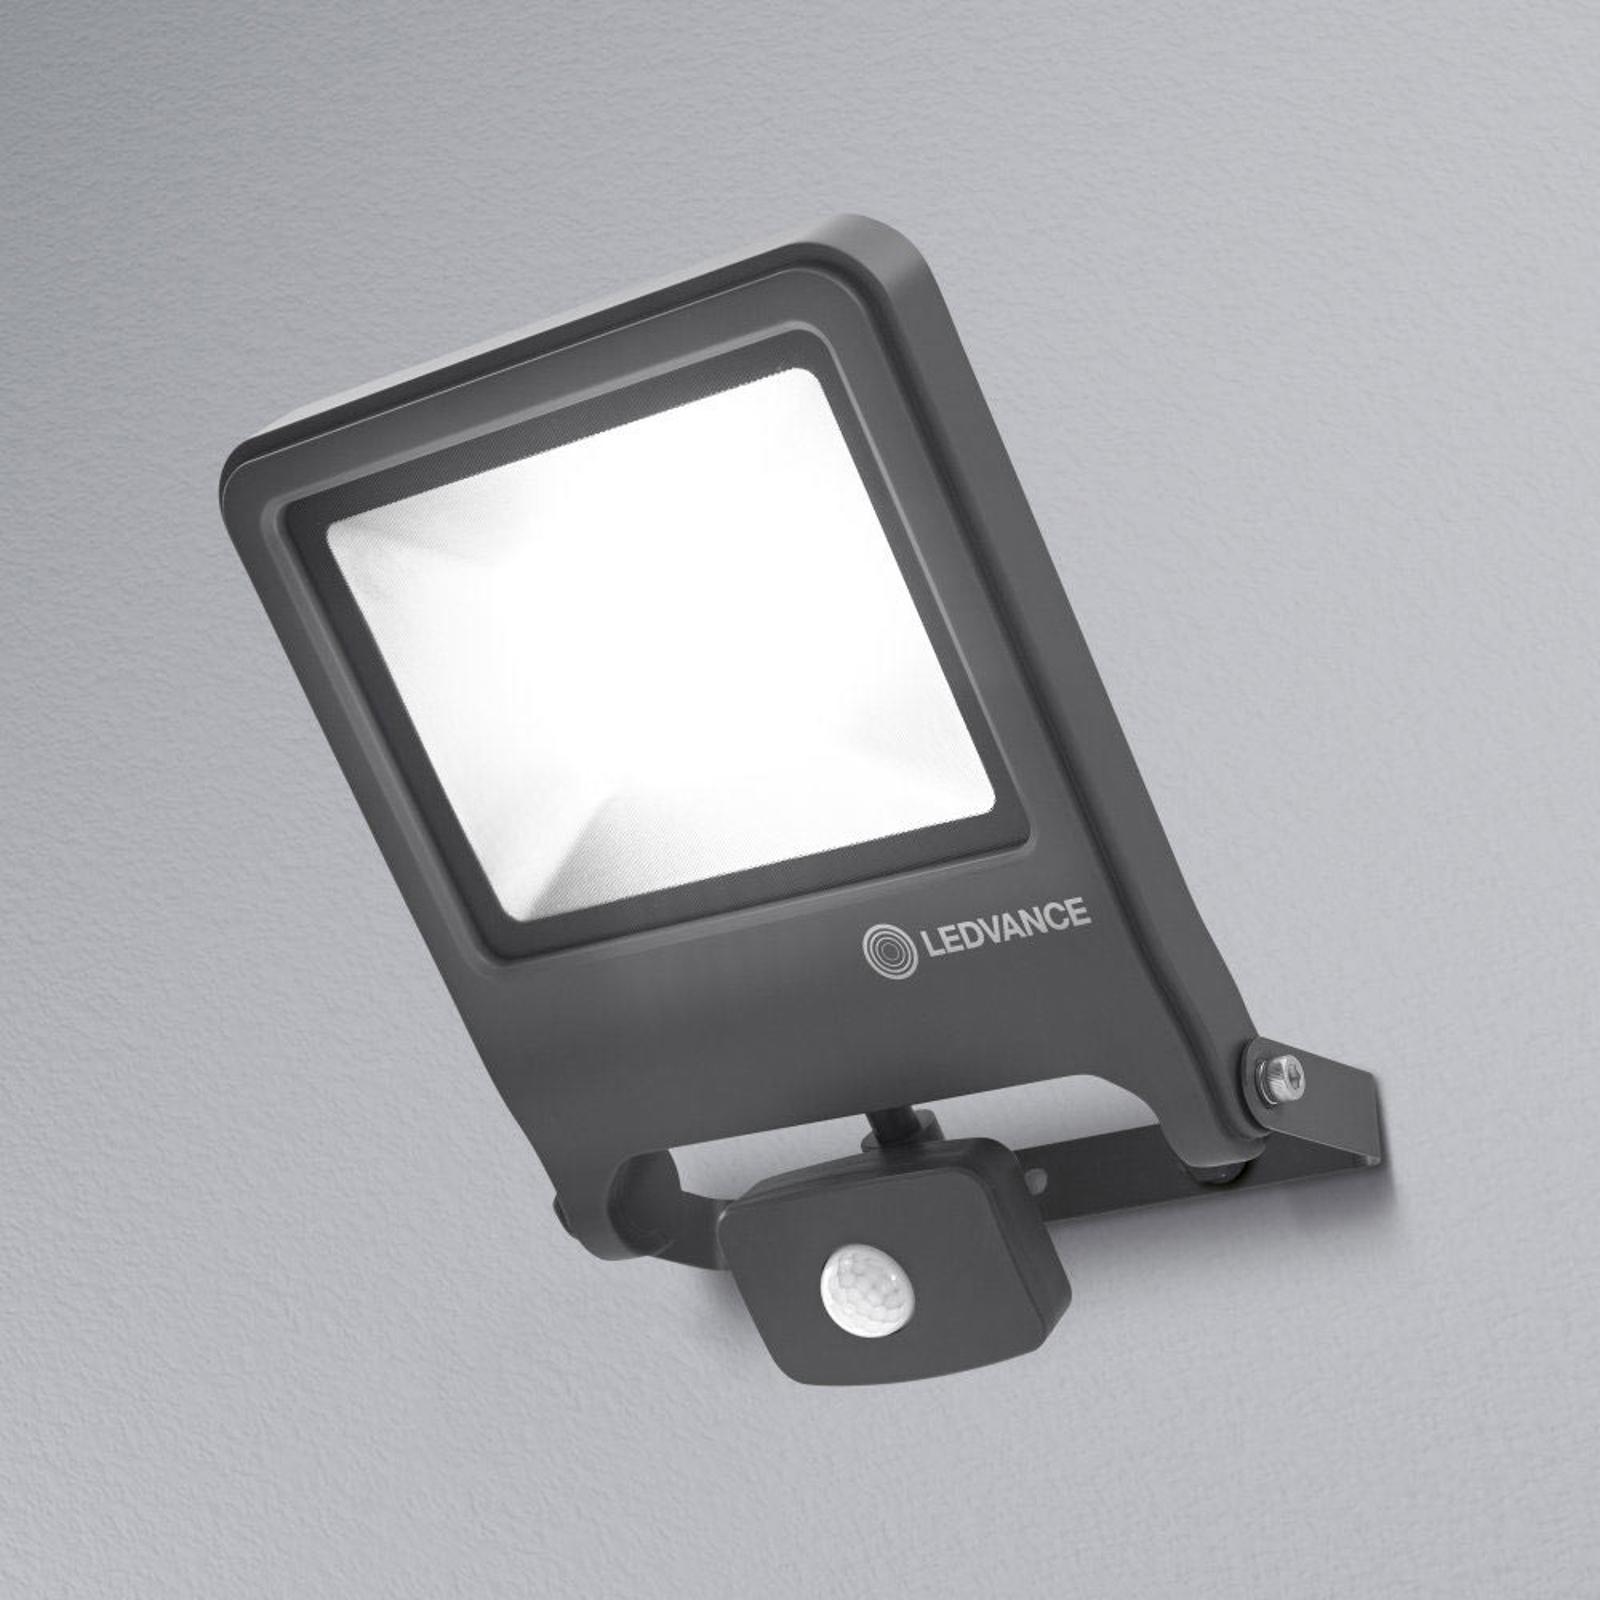 LEDVANCE Endura Floodlight spot LED capteur 50W